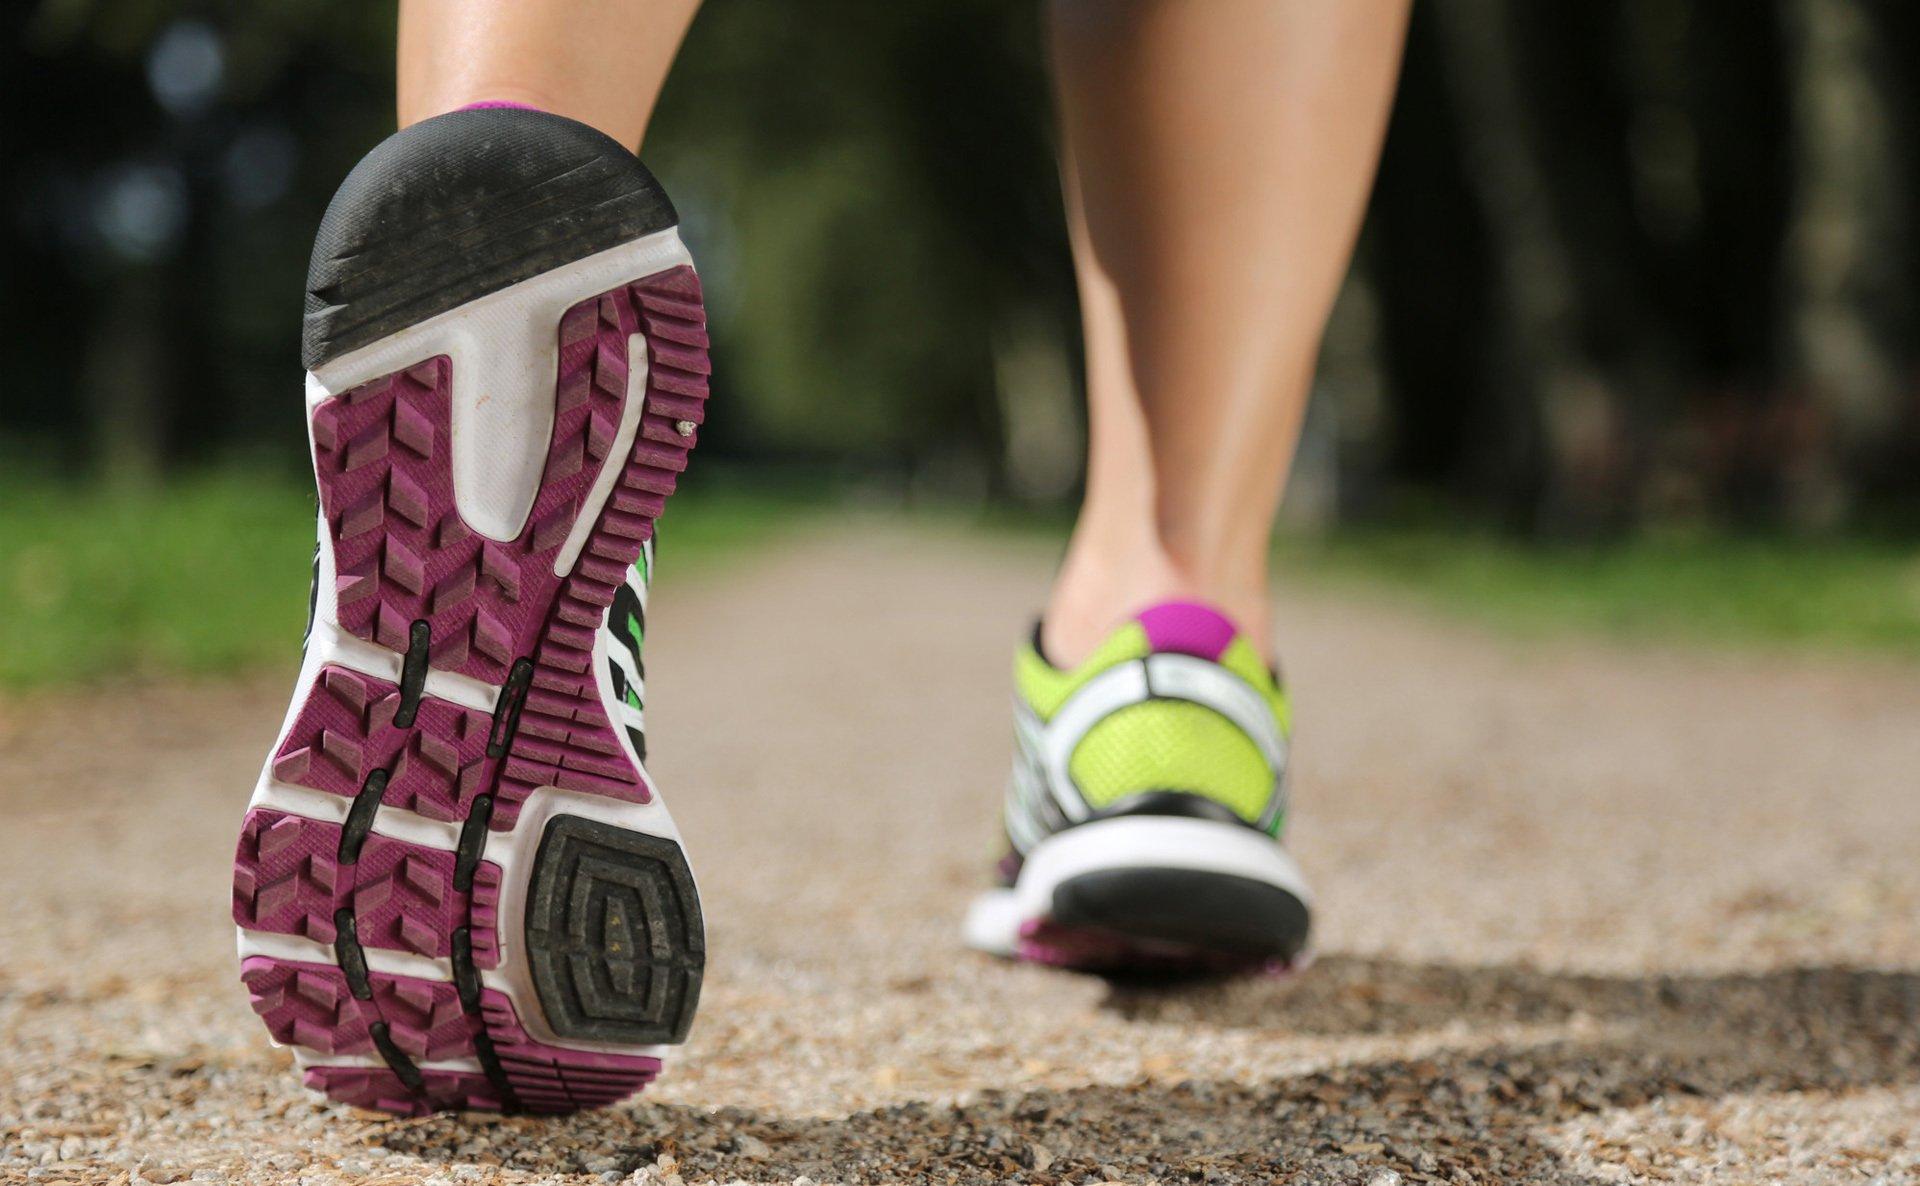 Outdoor runner wearing trainers